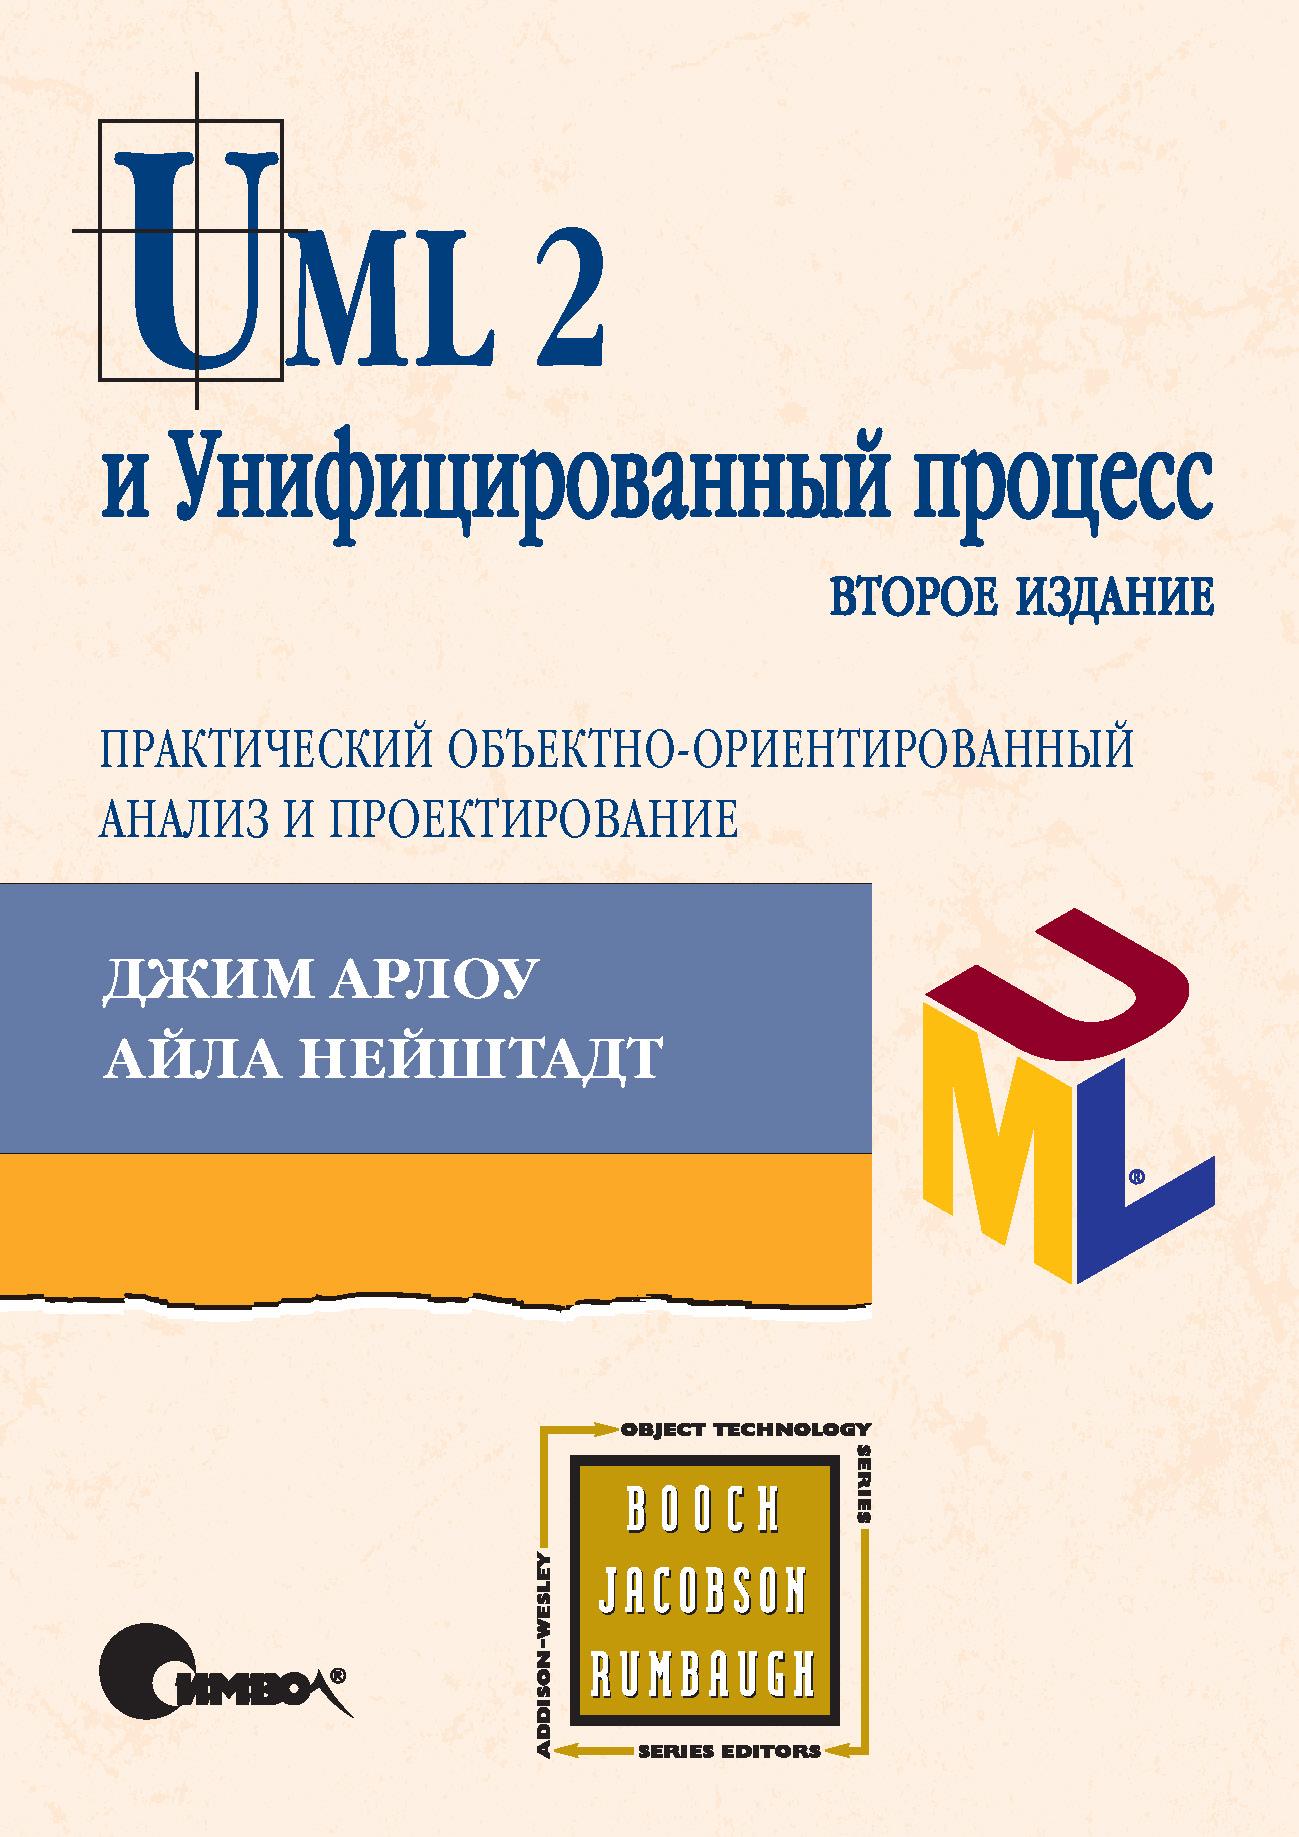 Джим Арлоу UML 2 и Унифицированный процесс, практический объектно-ориентированный анализ и проектирование. 2-е издание антон сергеевич хританков проектирование на uml сборник задач